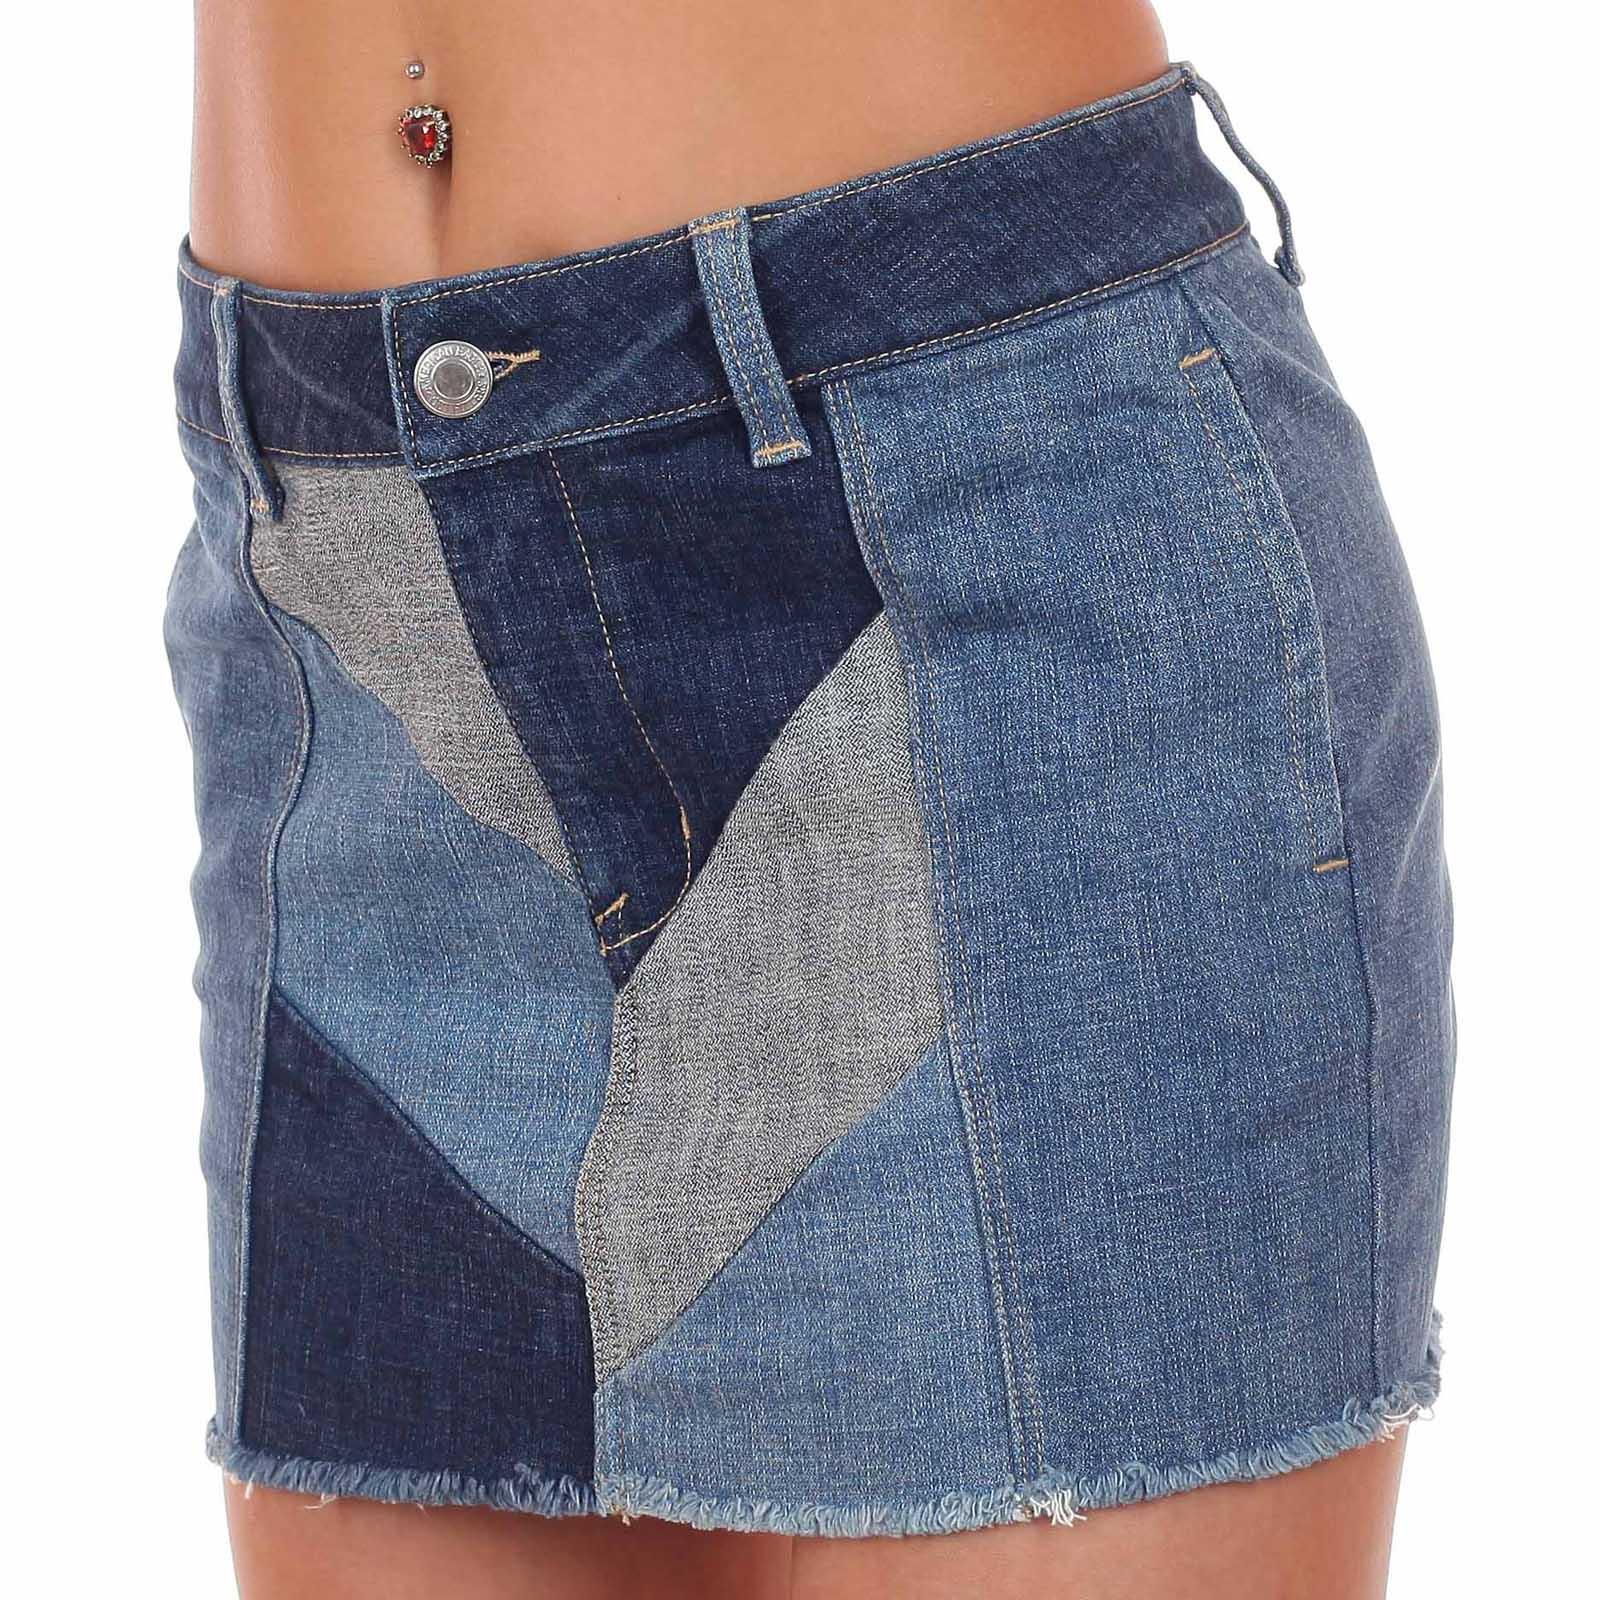 Джинсовые юбки 2017 года уже в продаже в нашем магазине!